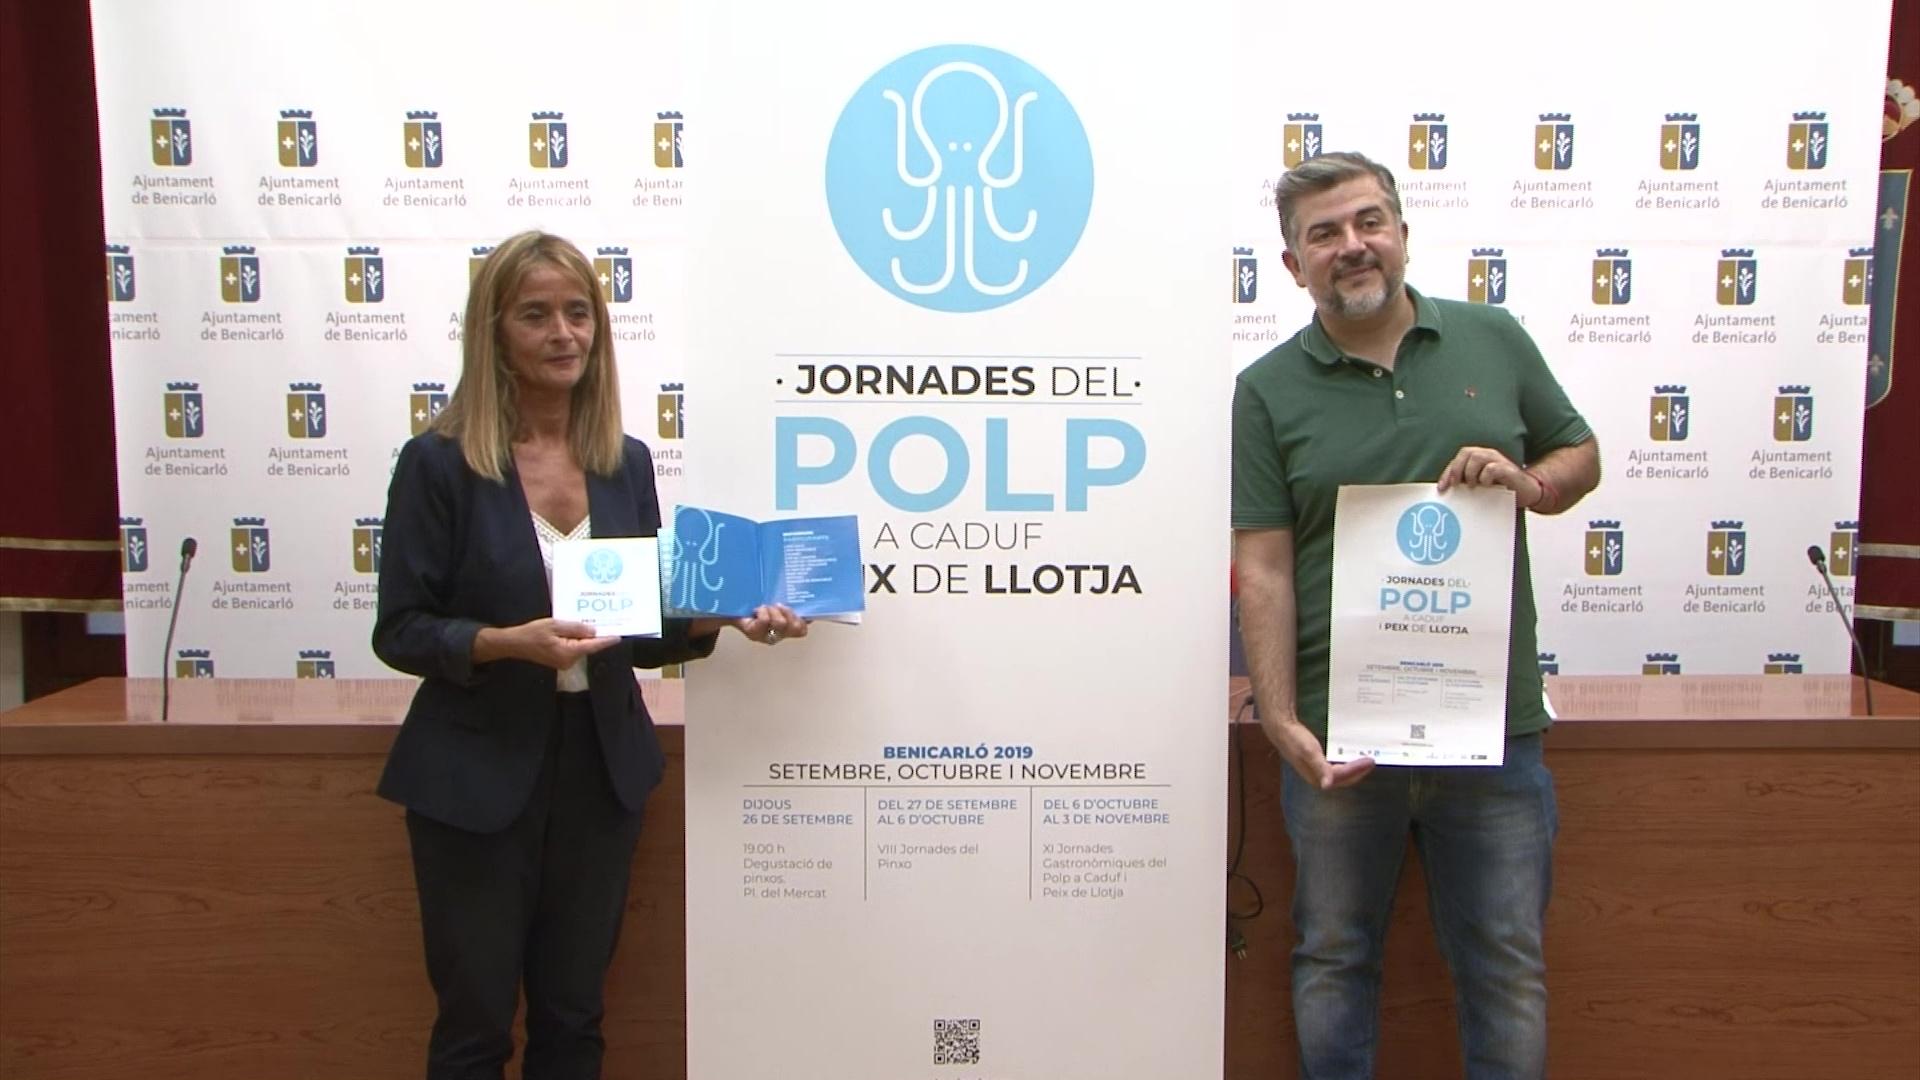 Benicarló presenta les 11è Jornades Gastronòmiques del Polp a Caduf i Peix de Llotja